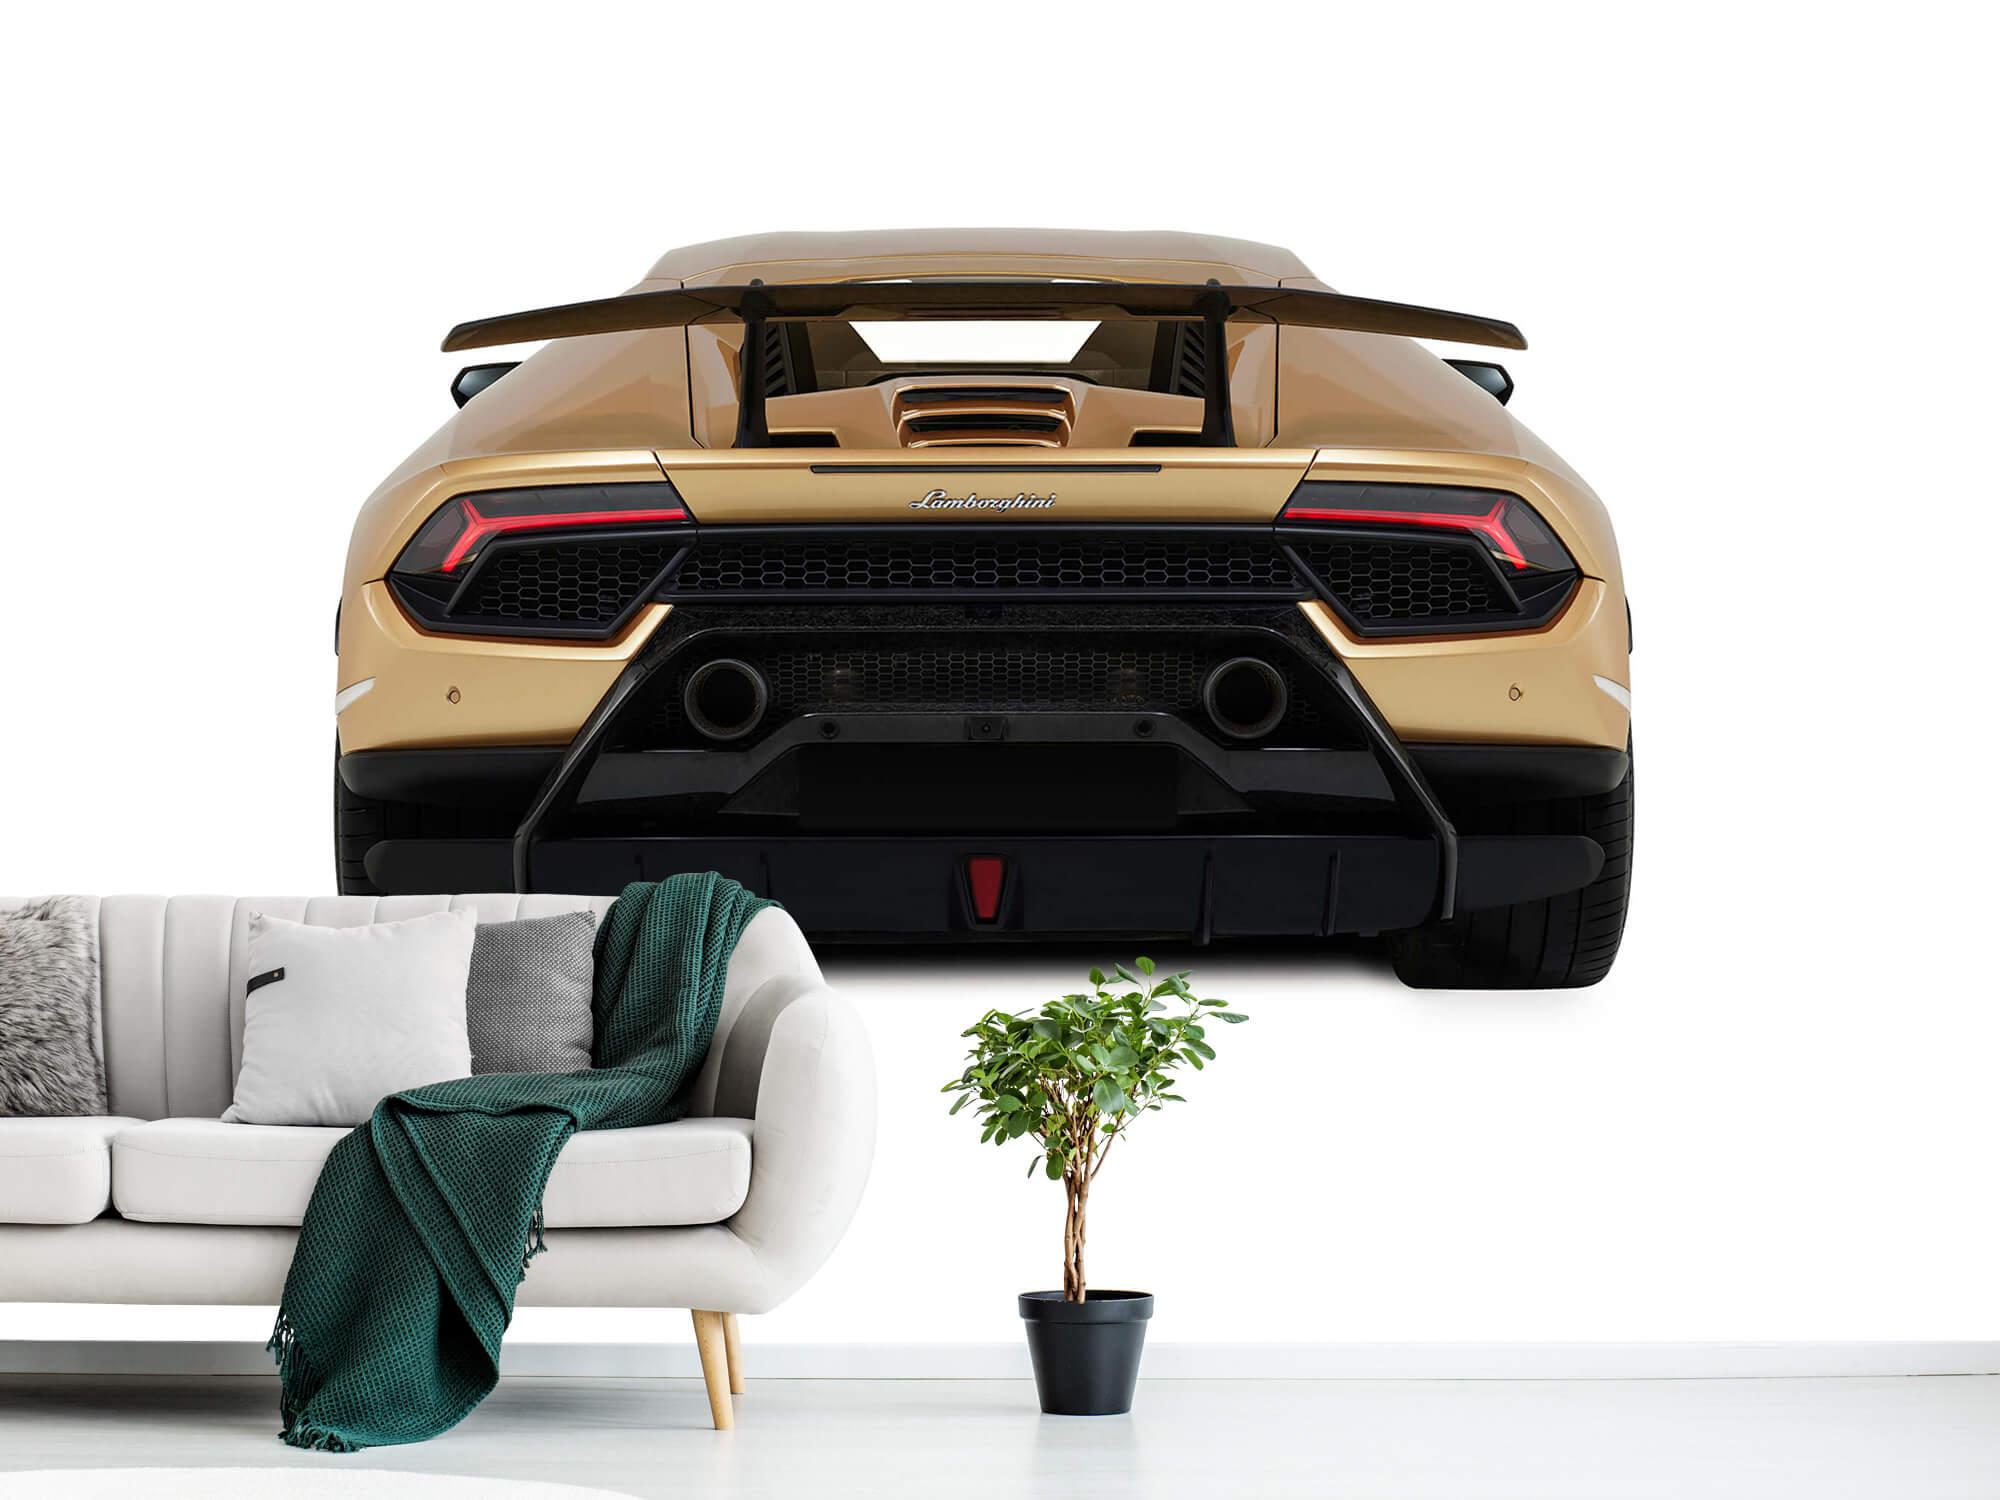 Wallpaper Lamborghini Huracán - Rear view, white 2